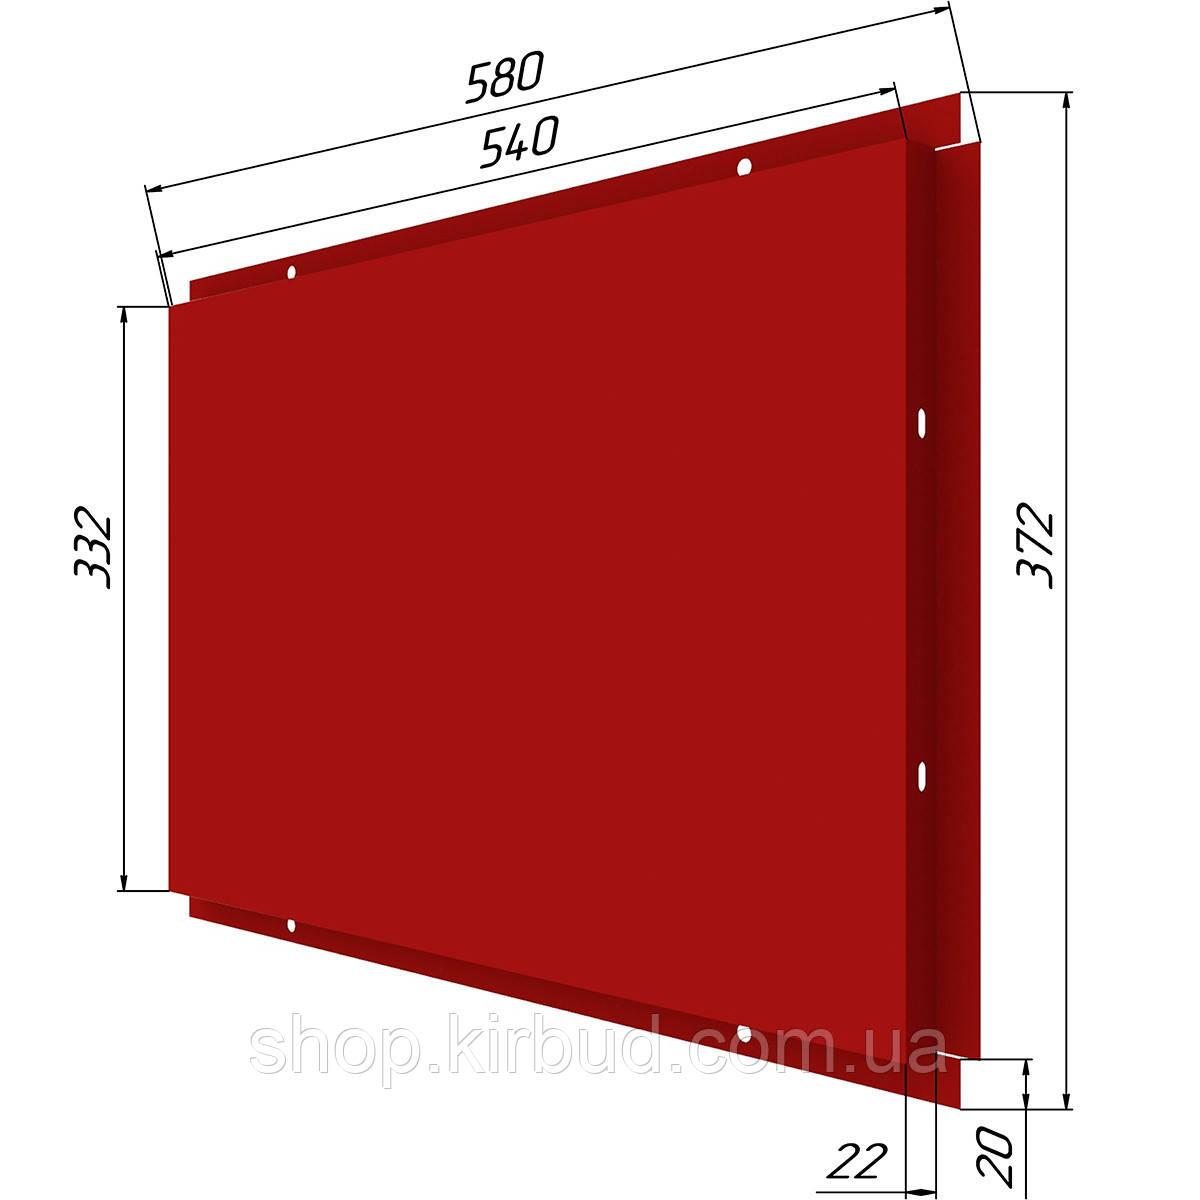 Фасадные касети (под заказ) матт 0,45мм 372х580мм